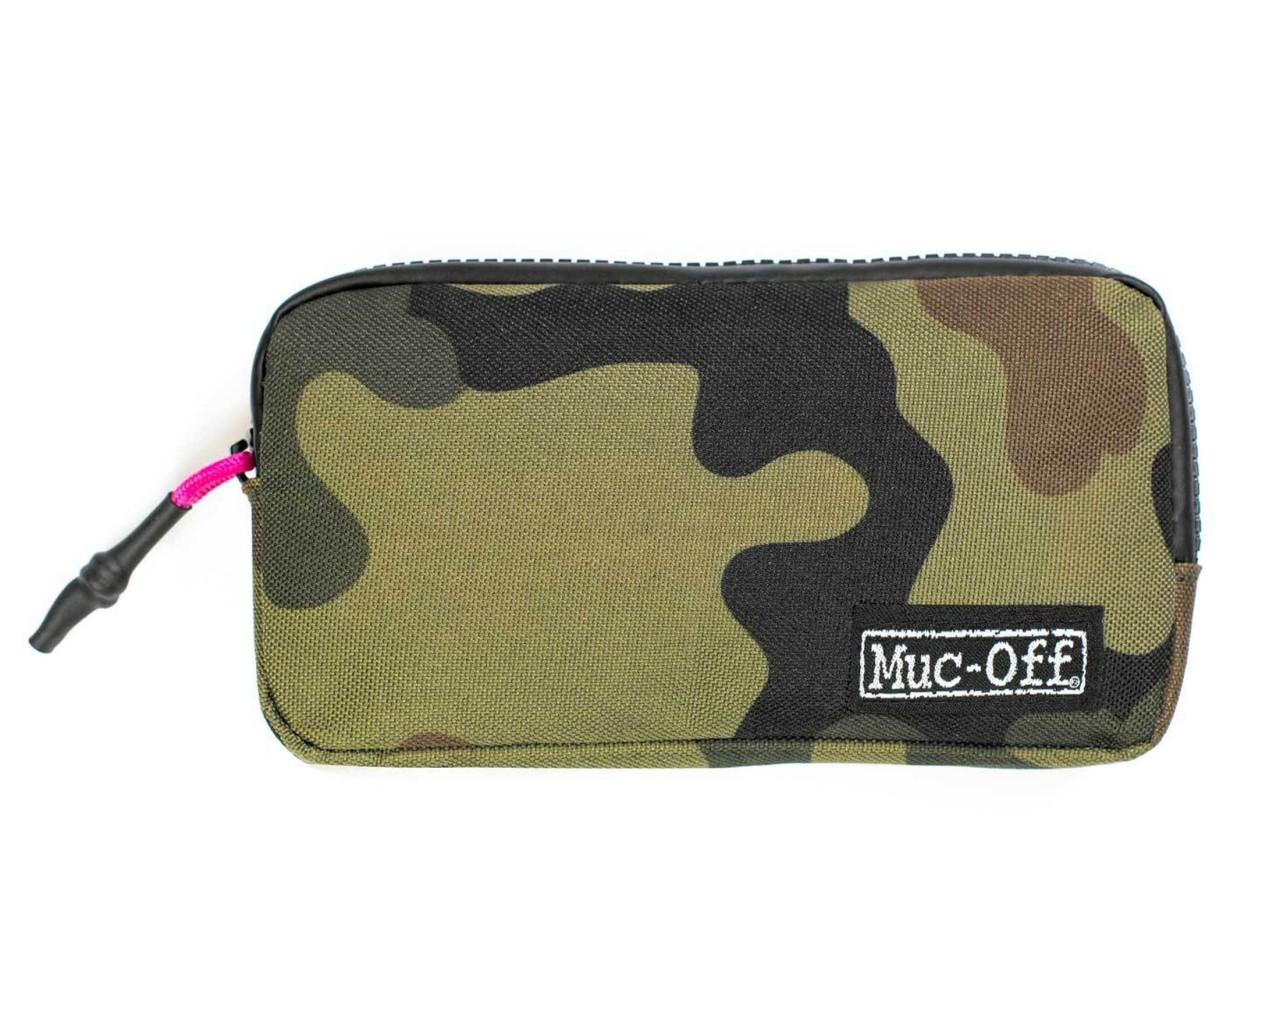 Muc-Off Zubehör Tasche | camouflage